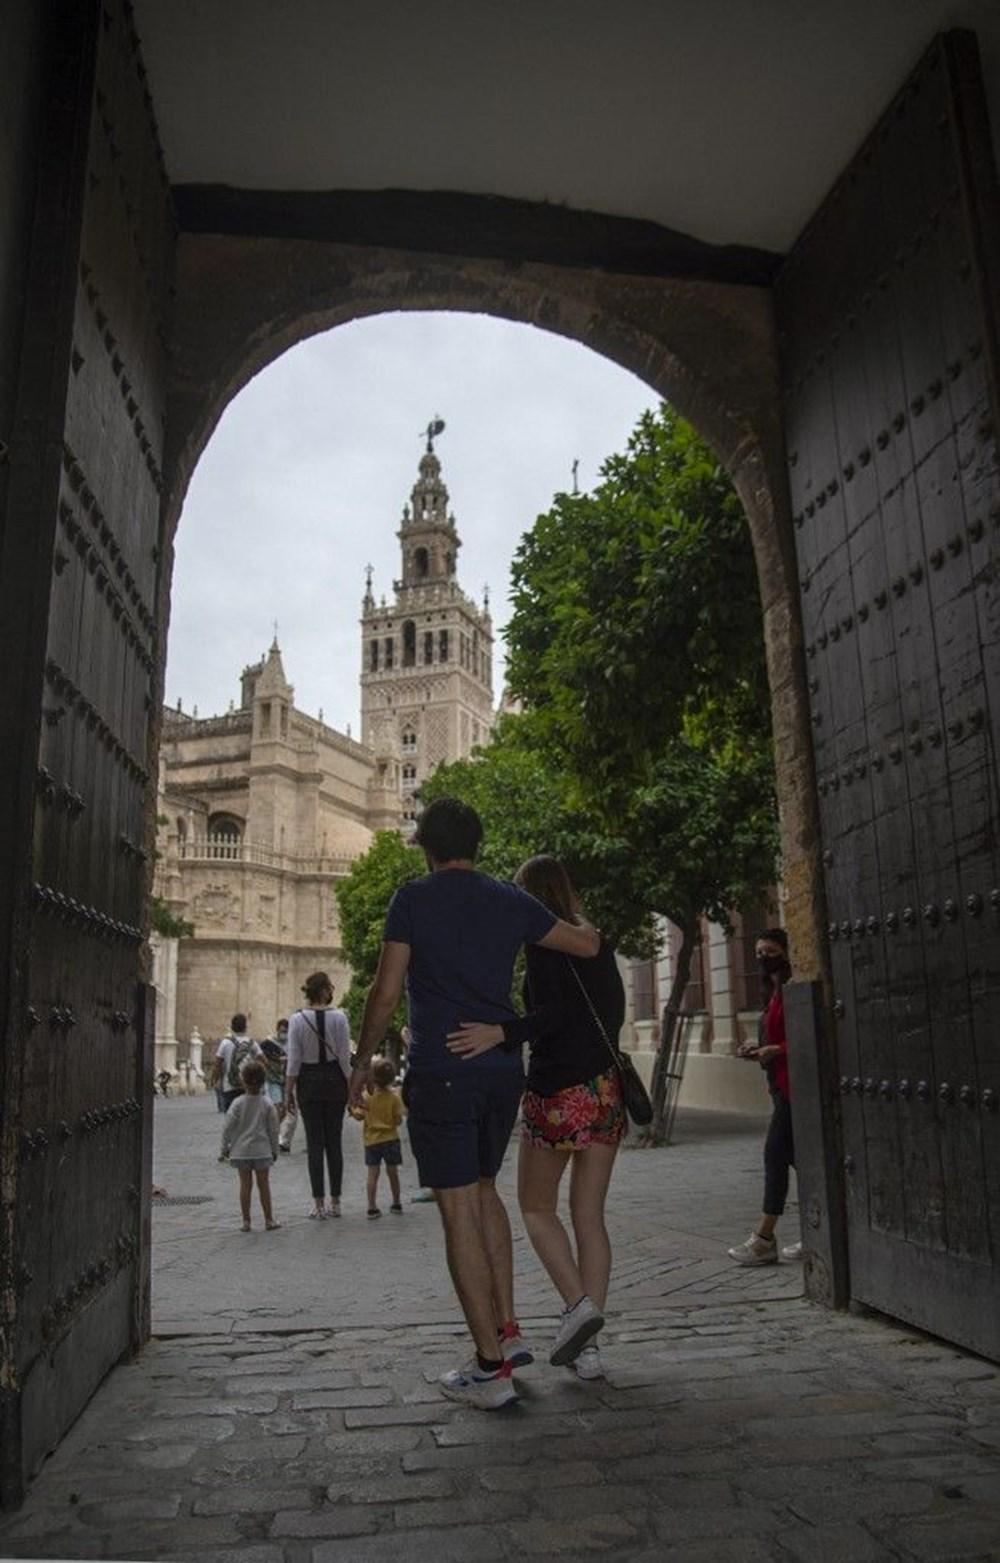 İspanya kapılarını yaz turizmine açtı: 10 milyon yabancı turist bekleniyor - 13